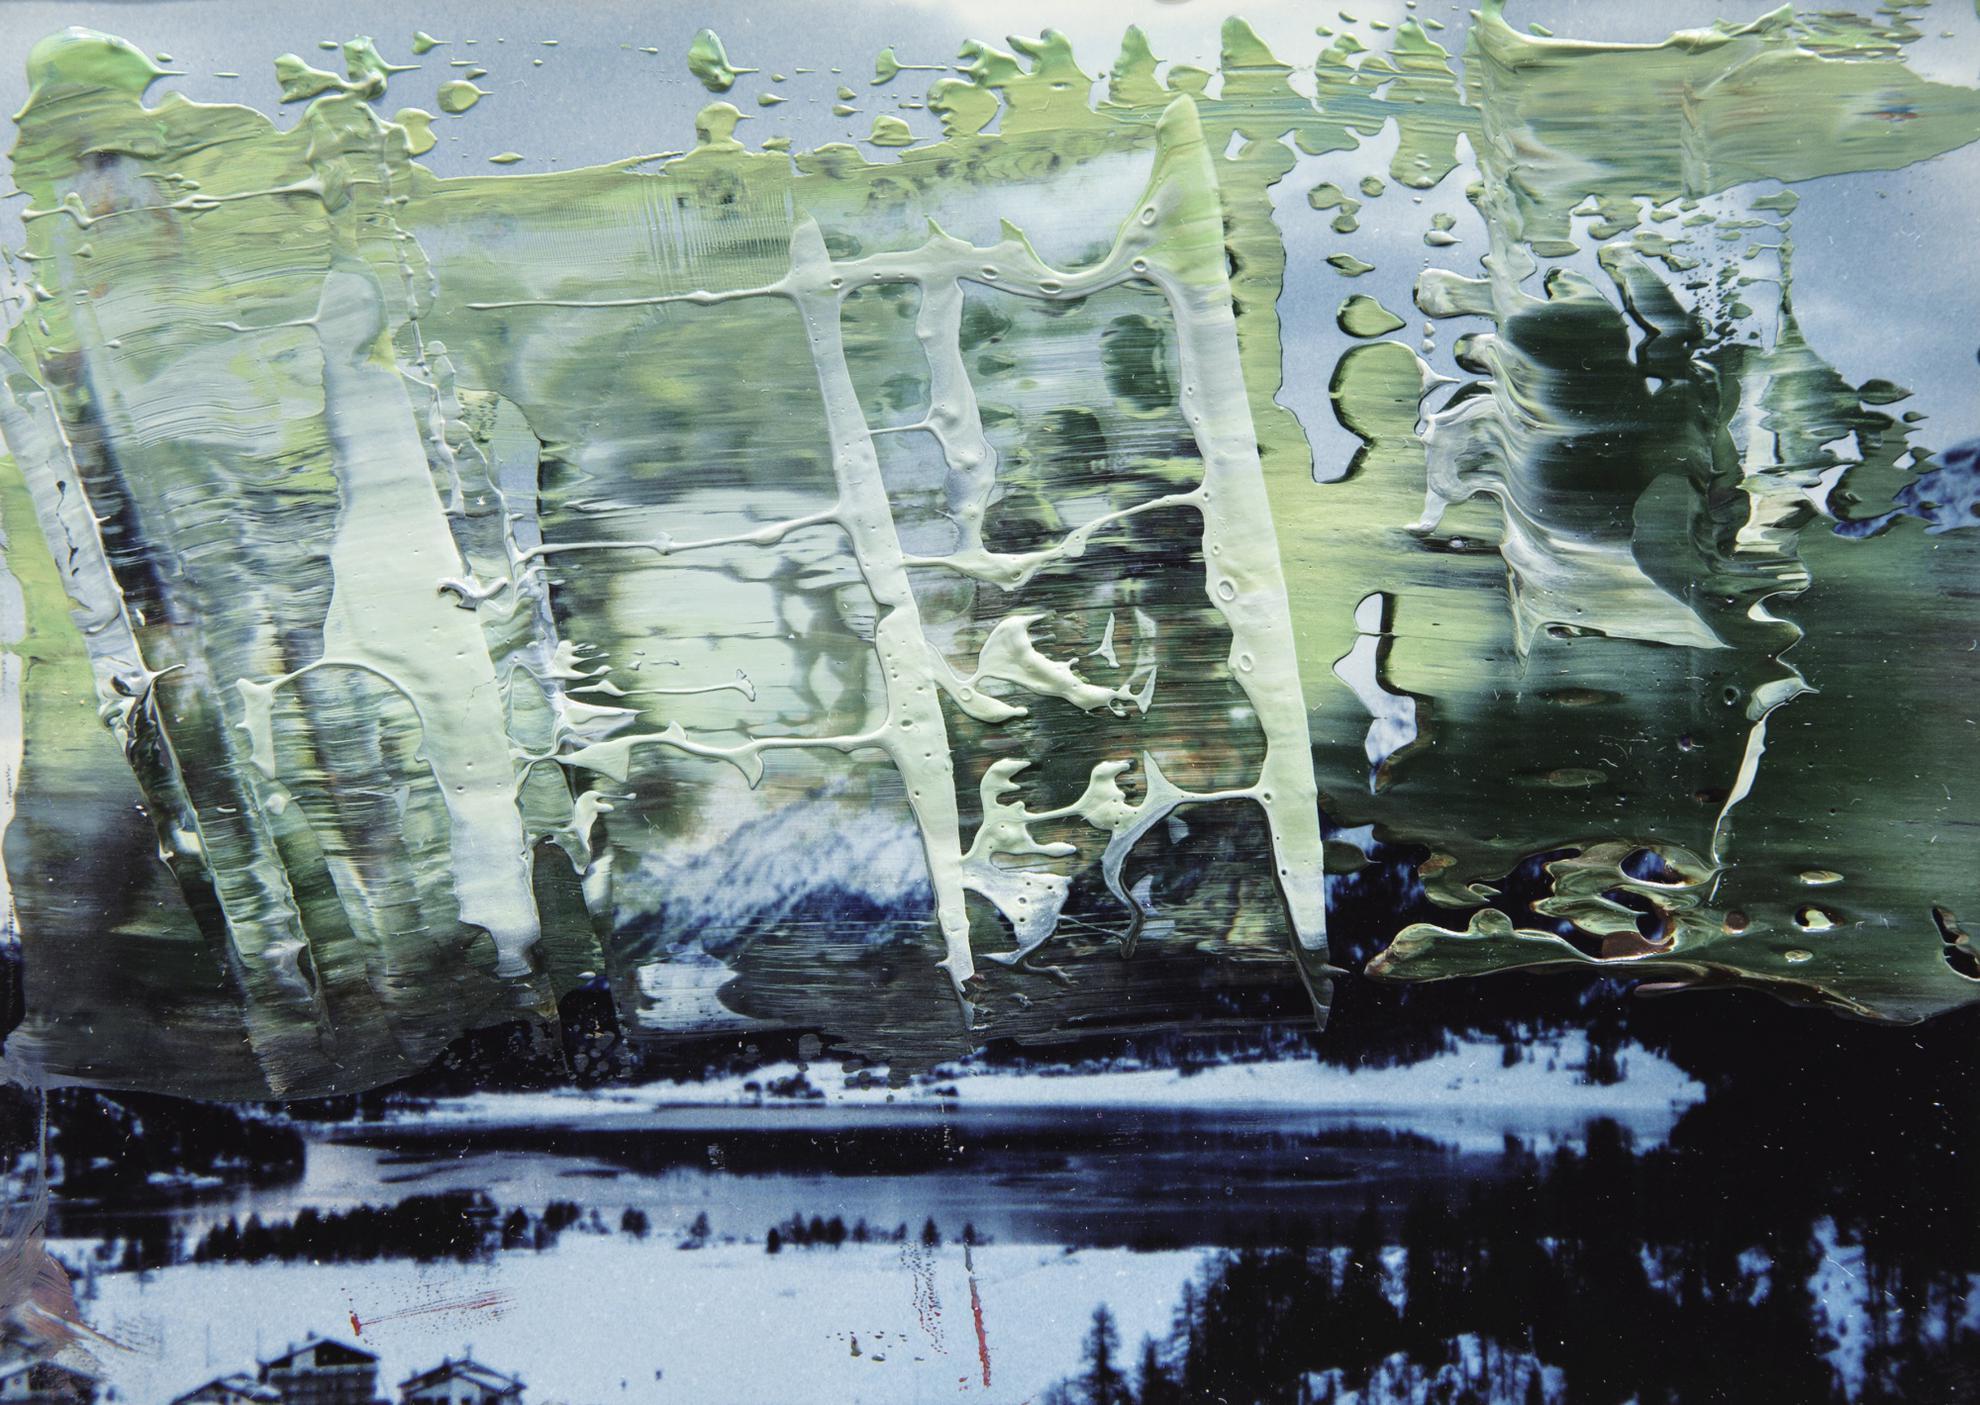 Gerhard Richter-Untitled (23.2.92)-1992